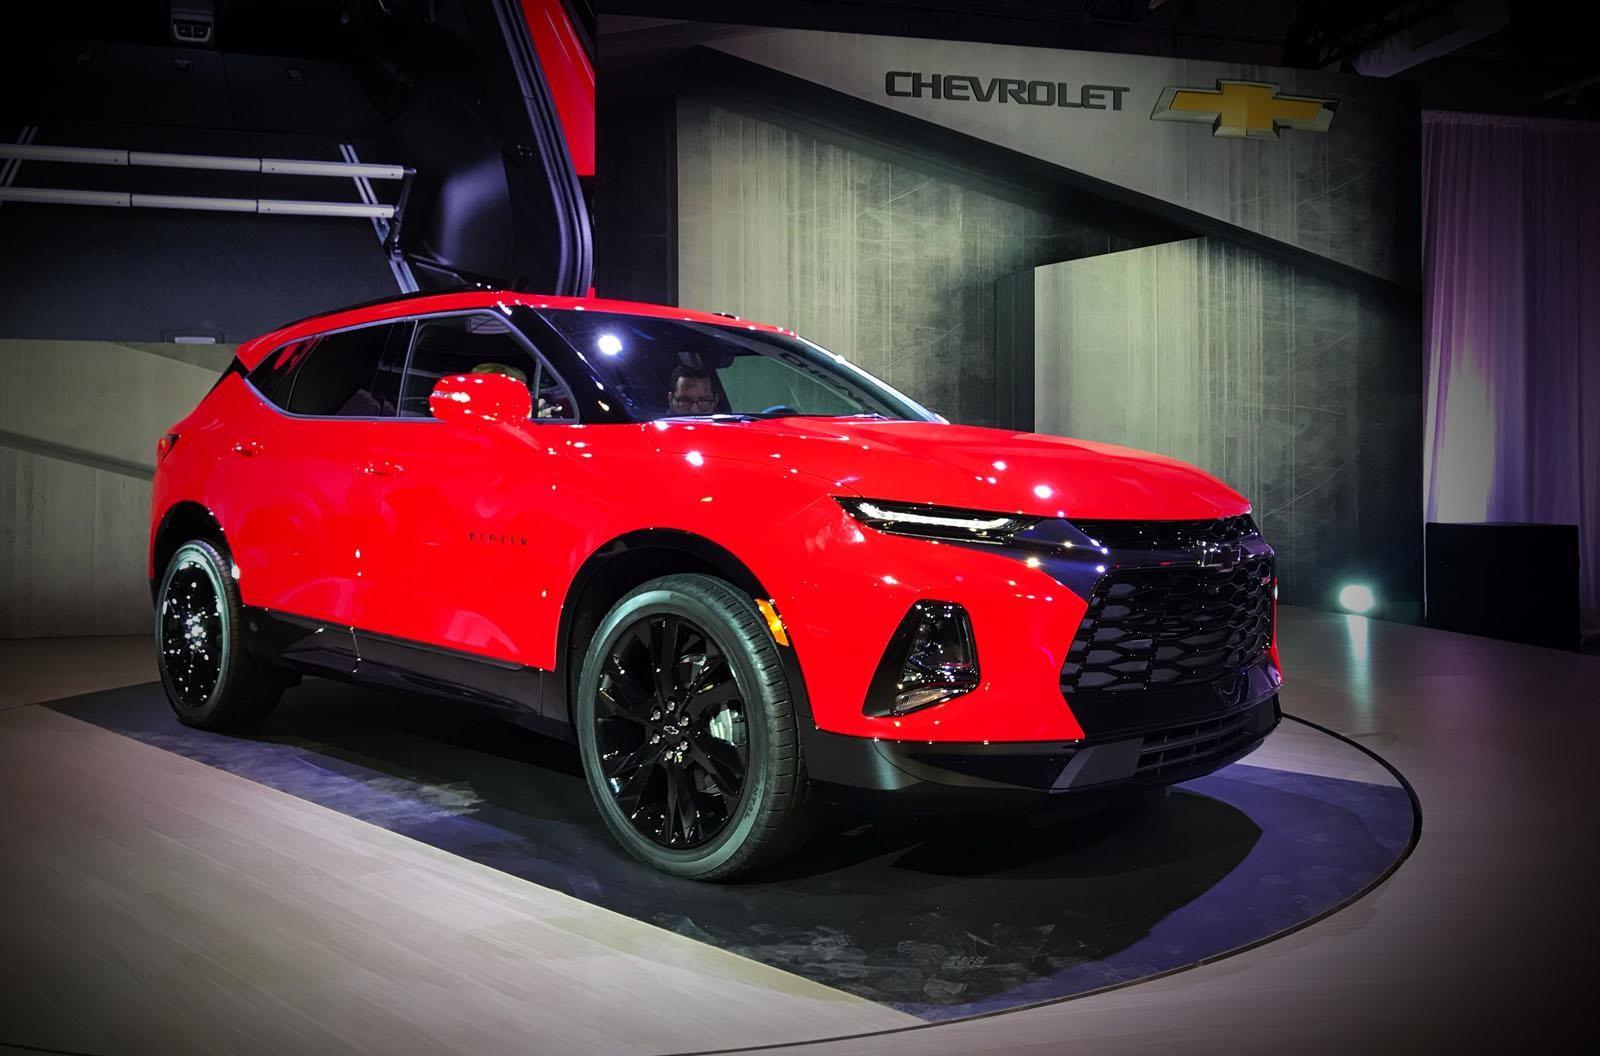 Chevrolet Blazer regresará al mercado en 2019 - Autocosmos.com